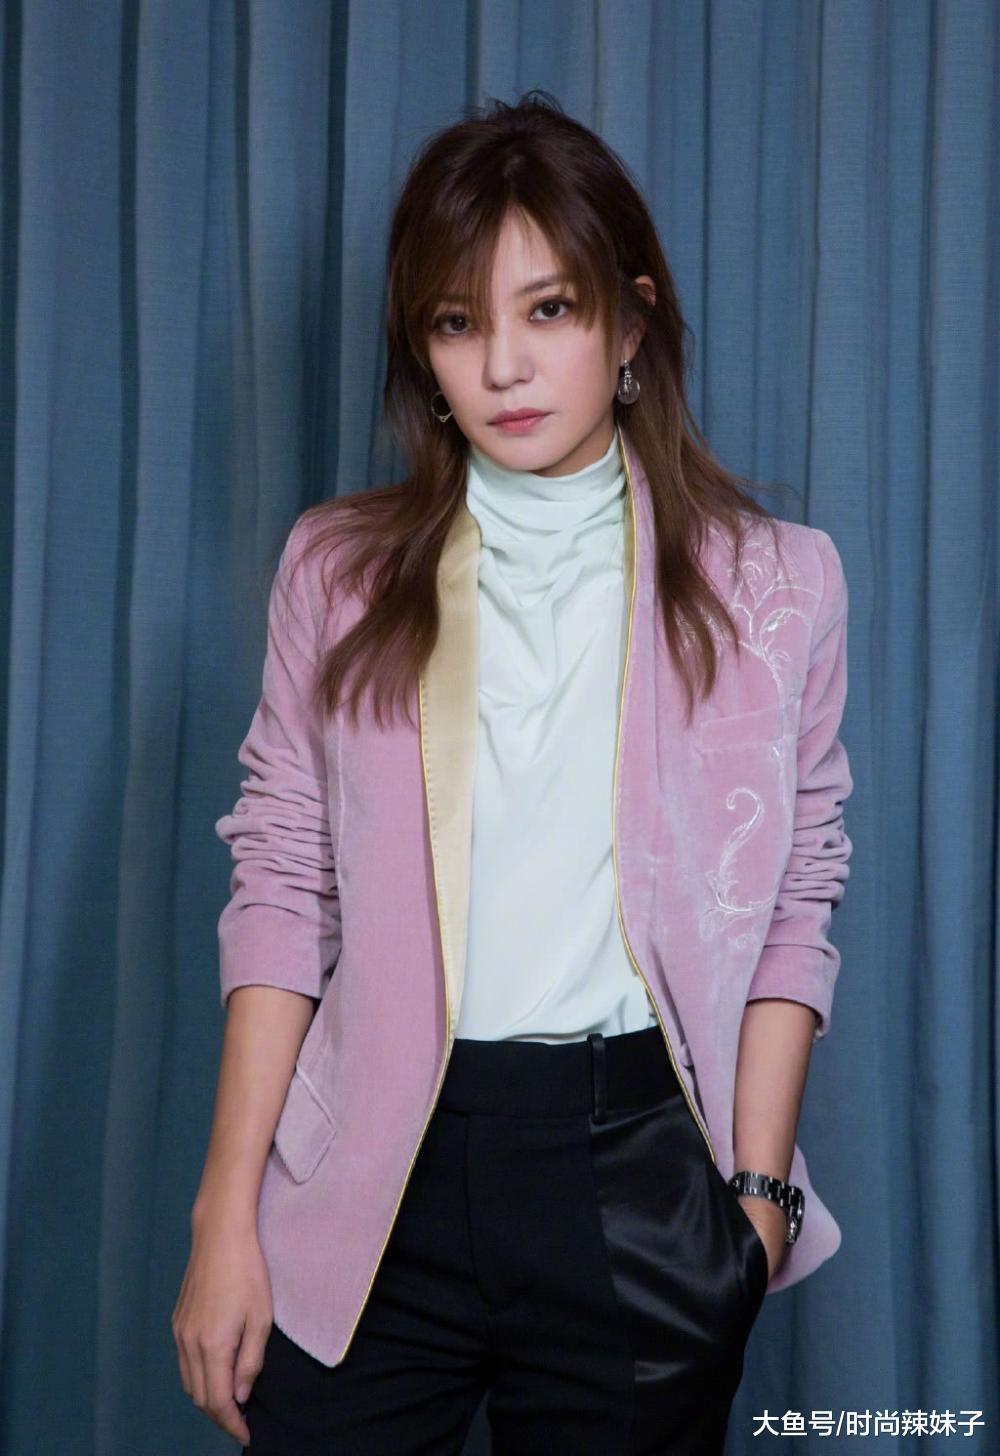 赵薇现身活动,一身丝绒装扮亮相秒变少女,不像是42岁的年纪